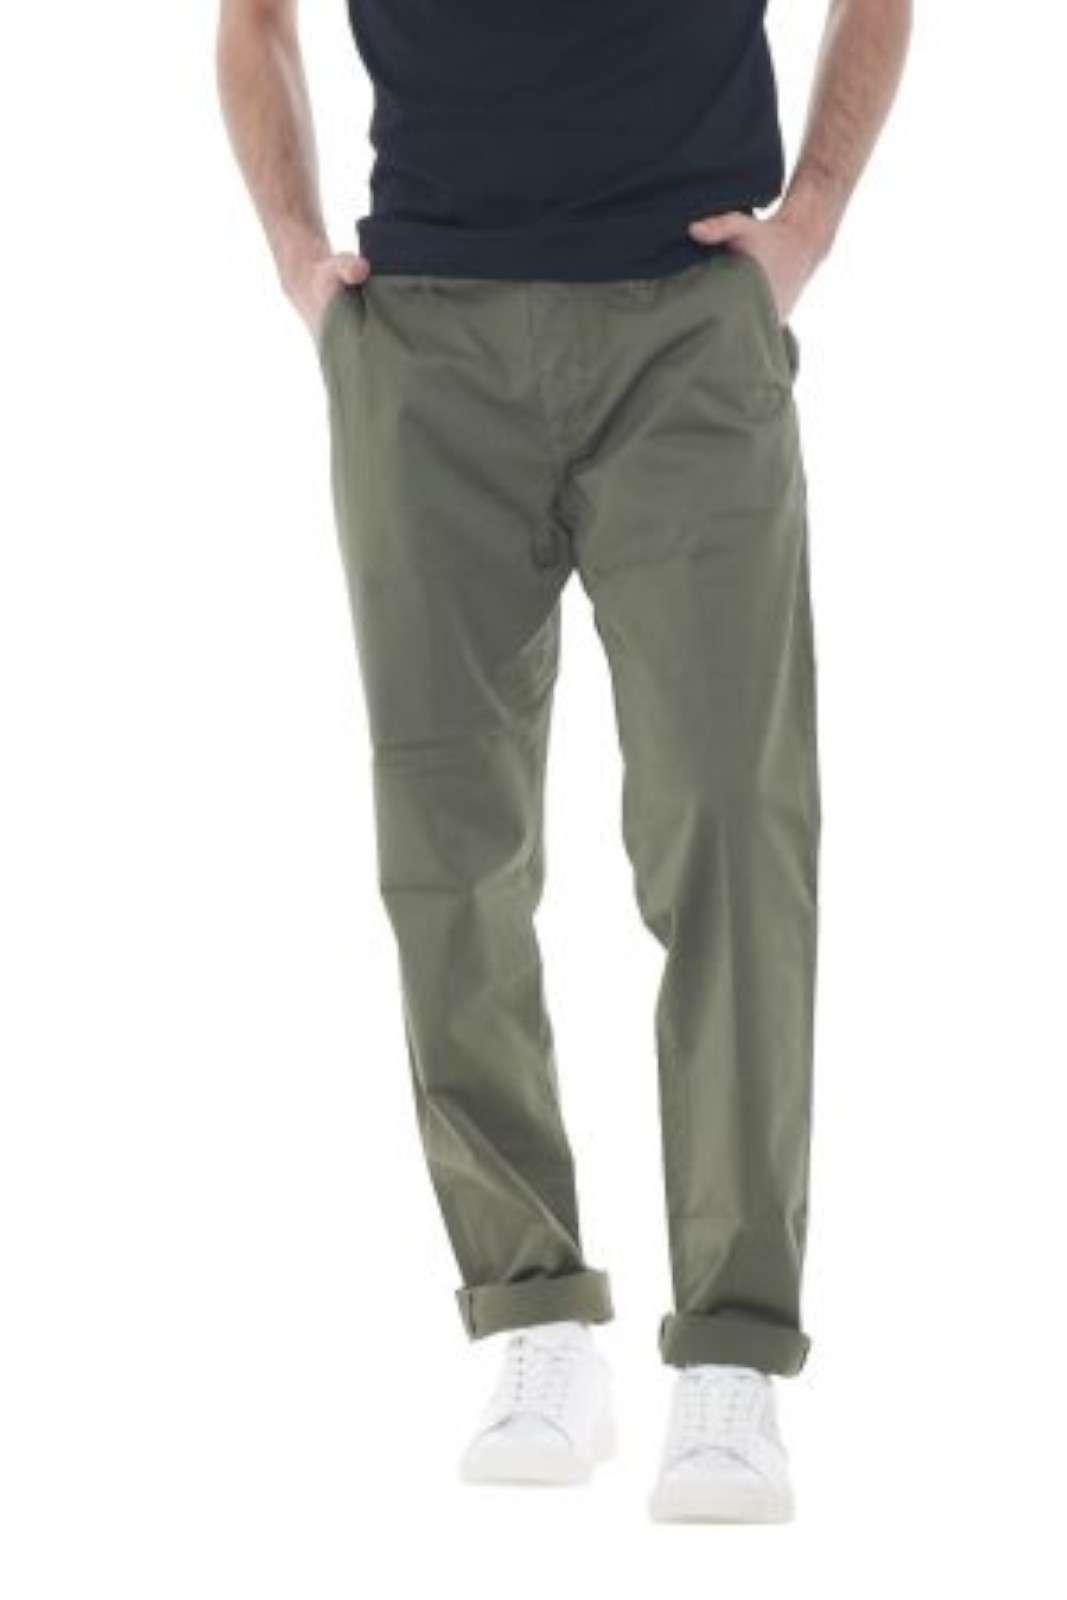 Eleganti, chic, raffinati, esclusivi, questi pantaloni firmati Manuel Ritz, garantiranno al tuo outfit un look fashion, e moderno. Ideale da indossare con t shirt, camicie, o anche giacche, per outfit diversi, ma sempre impeccabili e fashion. Il modello è alto 1.80m e indossa la taglia 44.